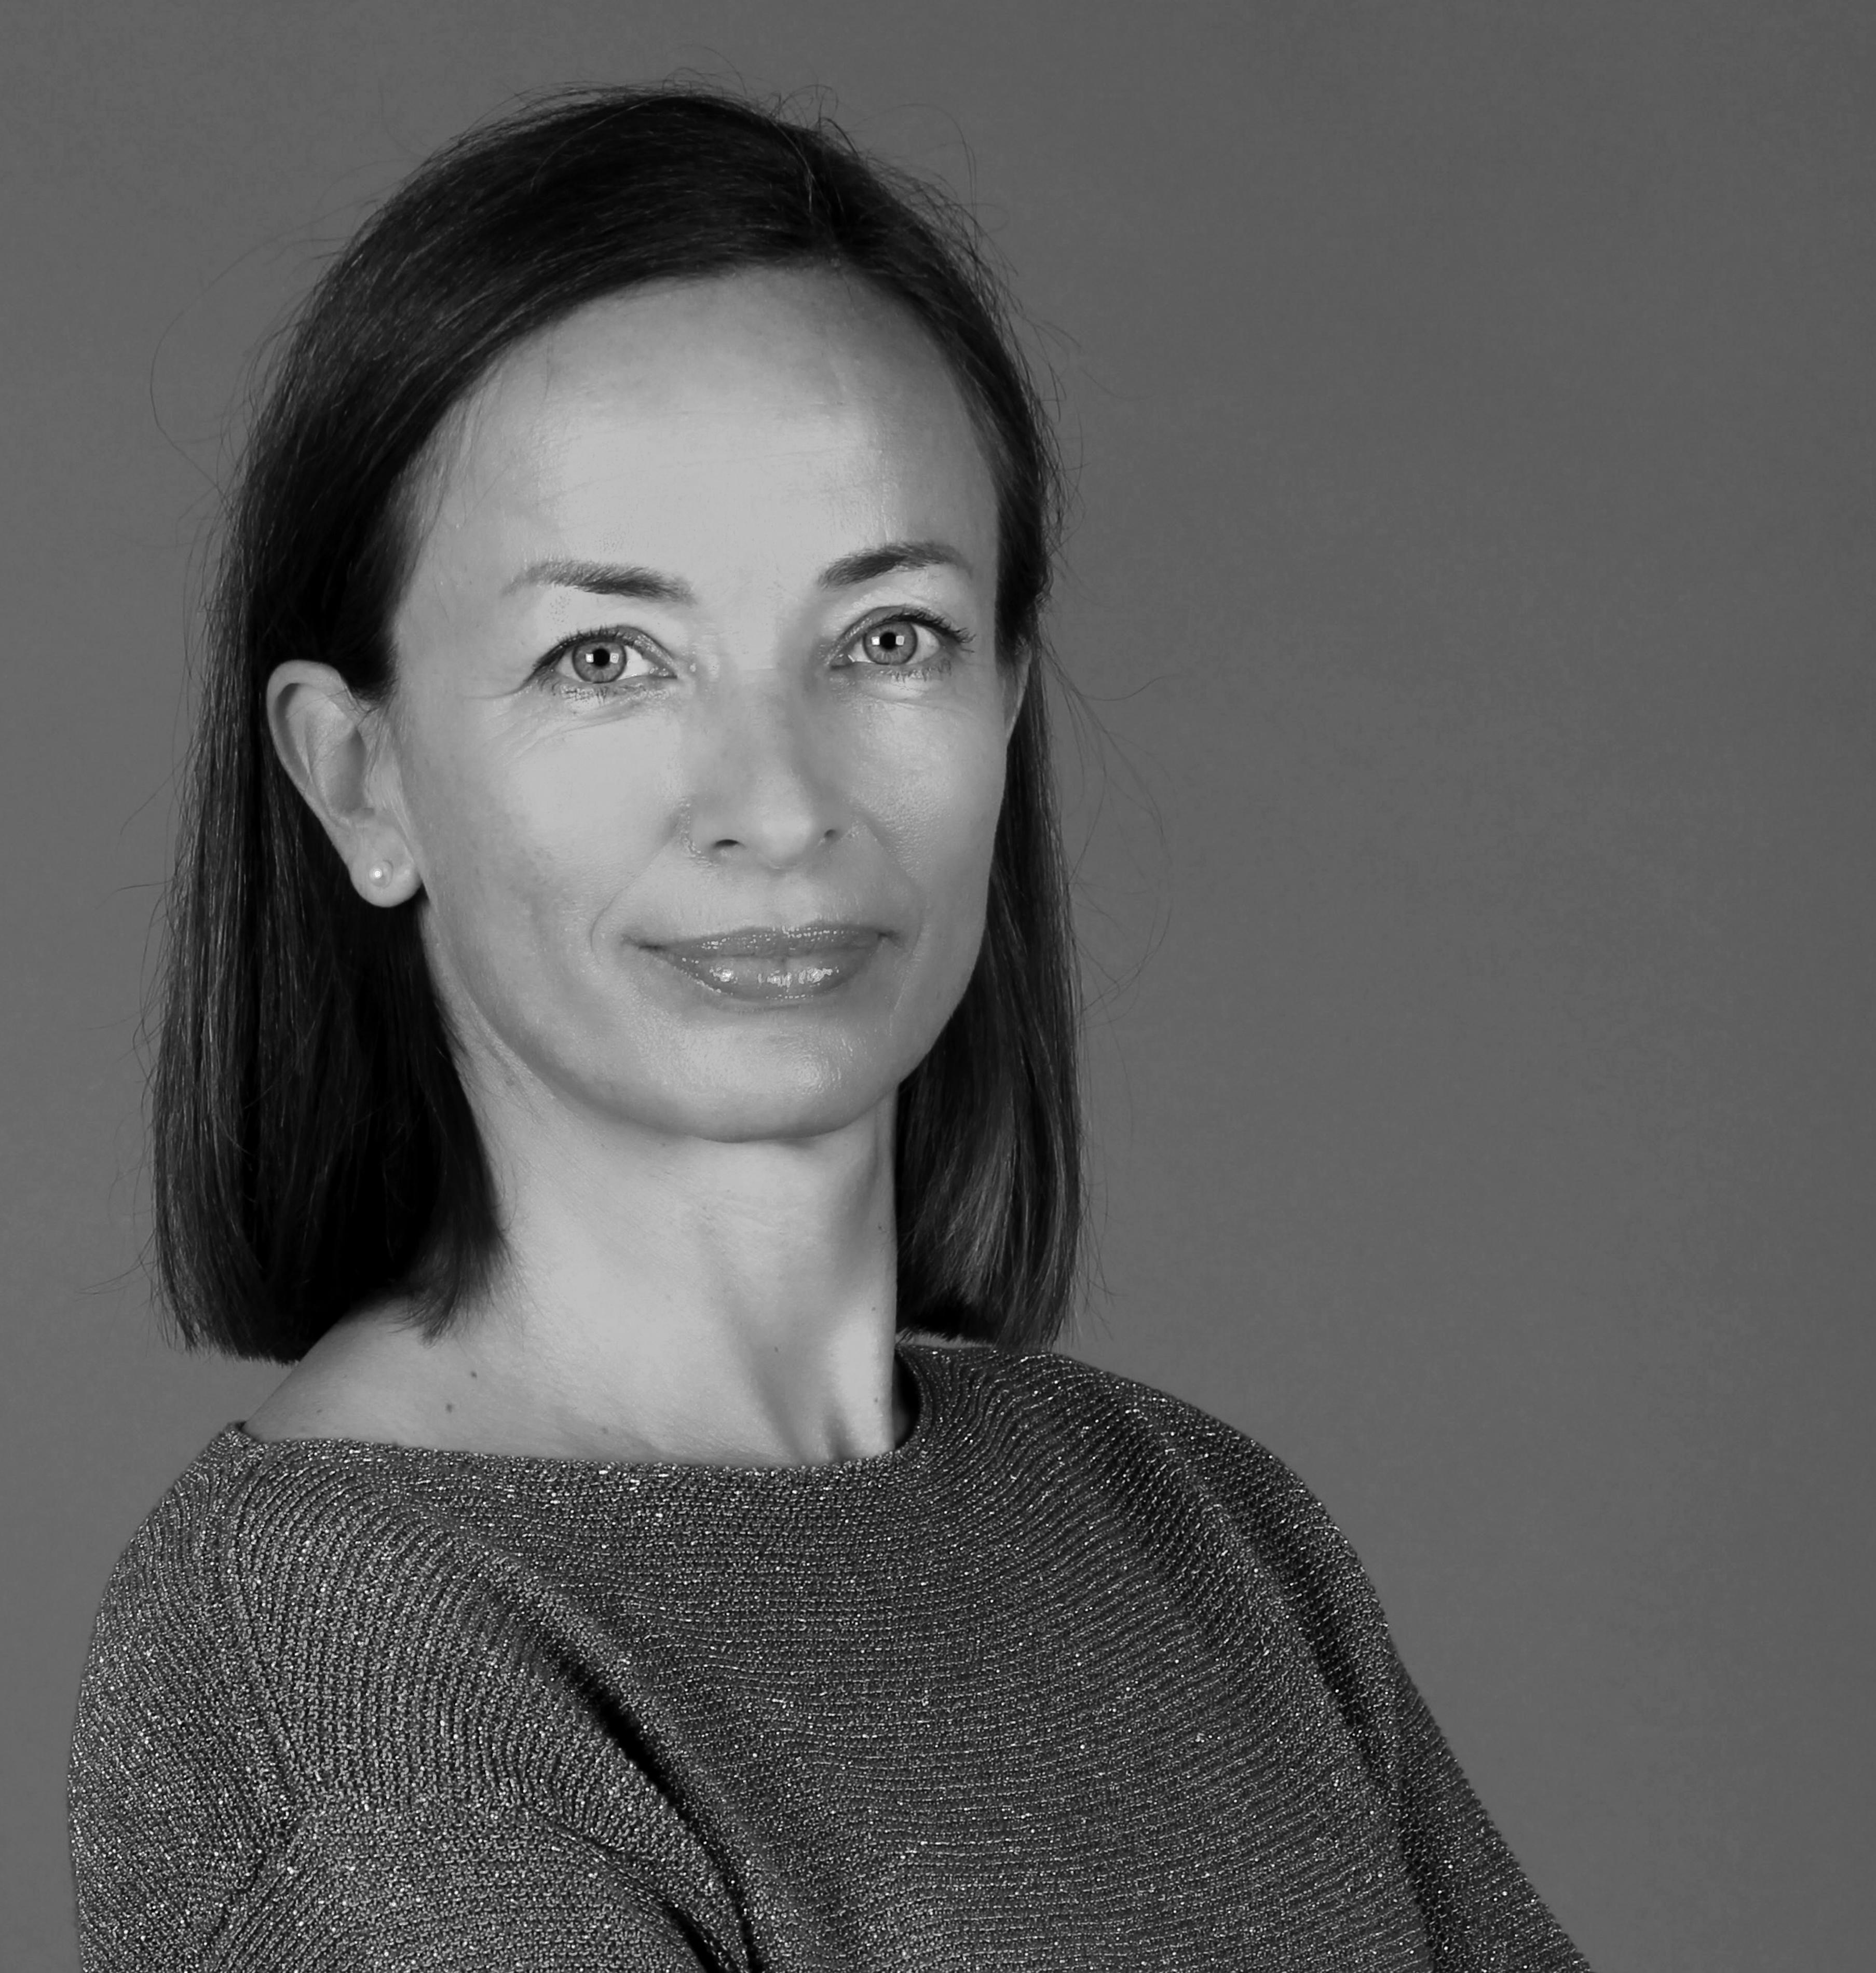 Eva Boštjančič